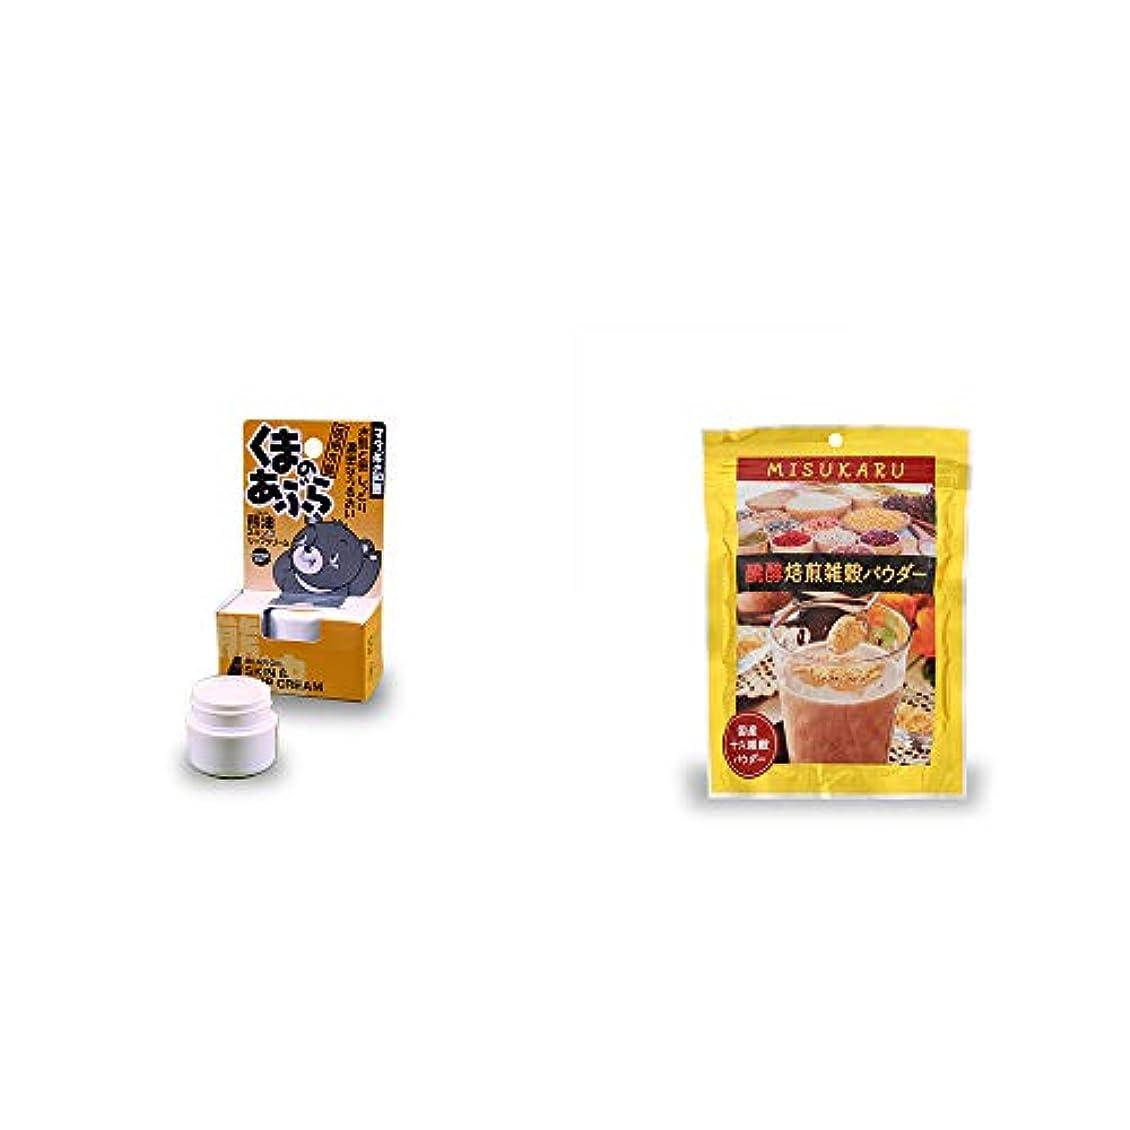 政府前進一次[2点セット] 信州木曽 くまのあぶら 熊油スキン&リップクリーム(9g)?醗酵焙煎雑穀パウダー MISUKARU(ミスカル)(200g)